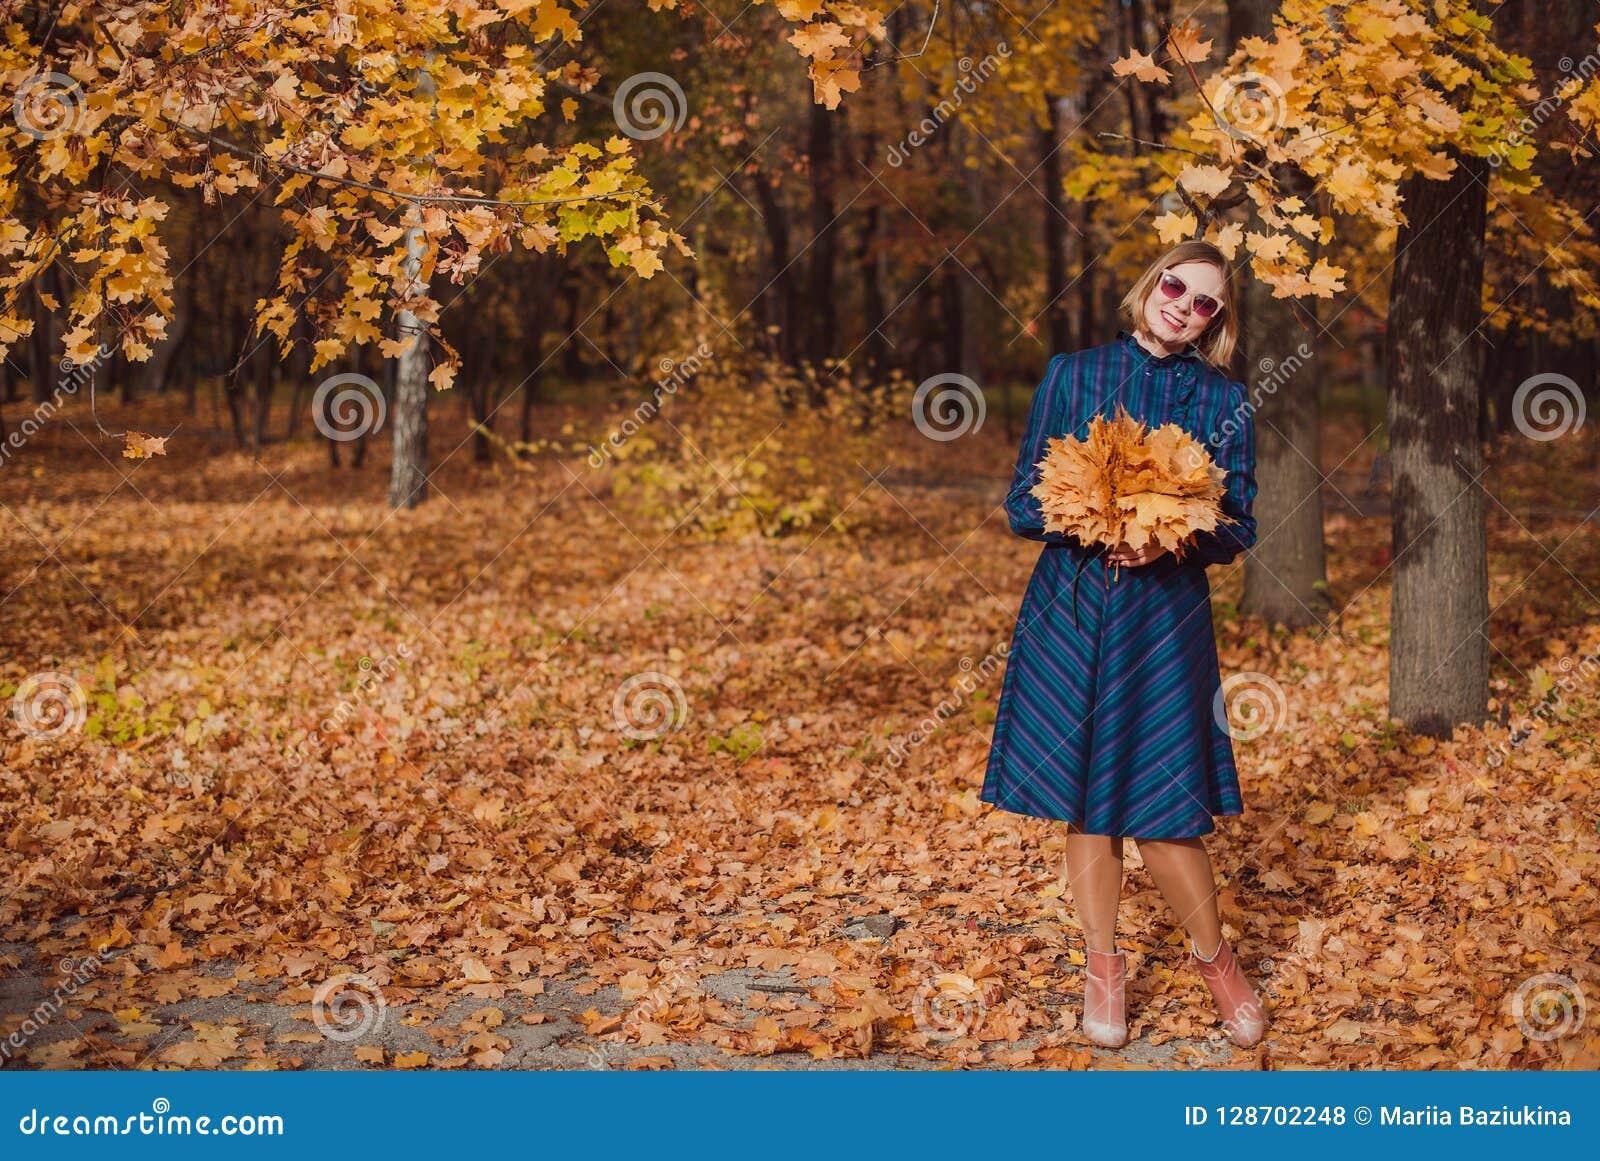 Junge Frau mit dem blonden Haar, das blaues Kleid gehend in Herbst Park trägt